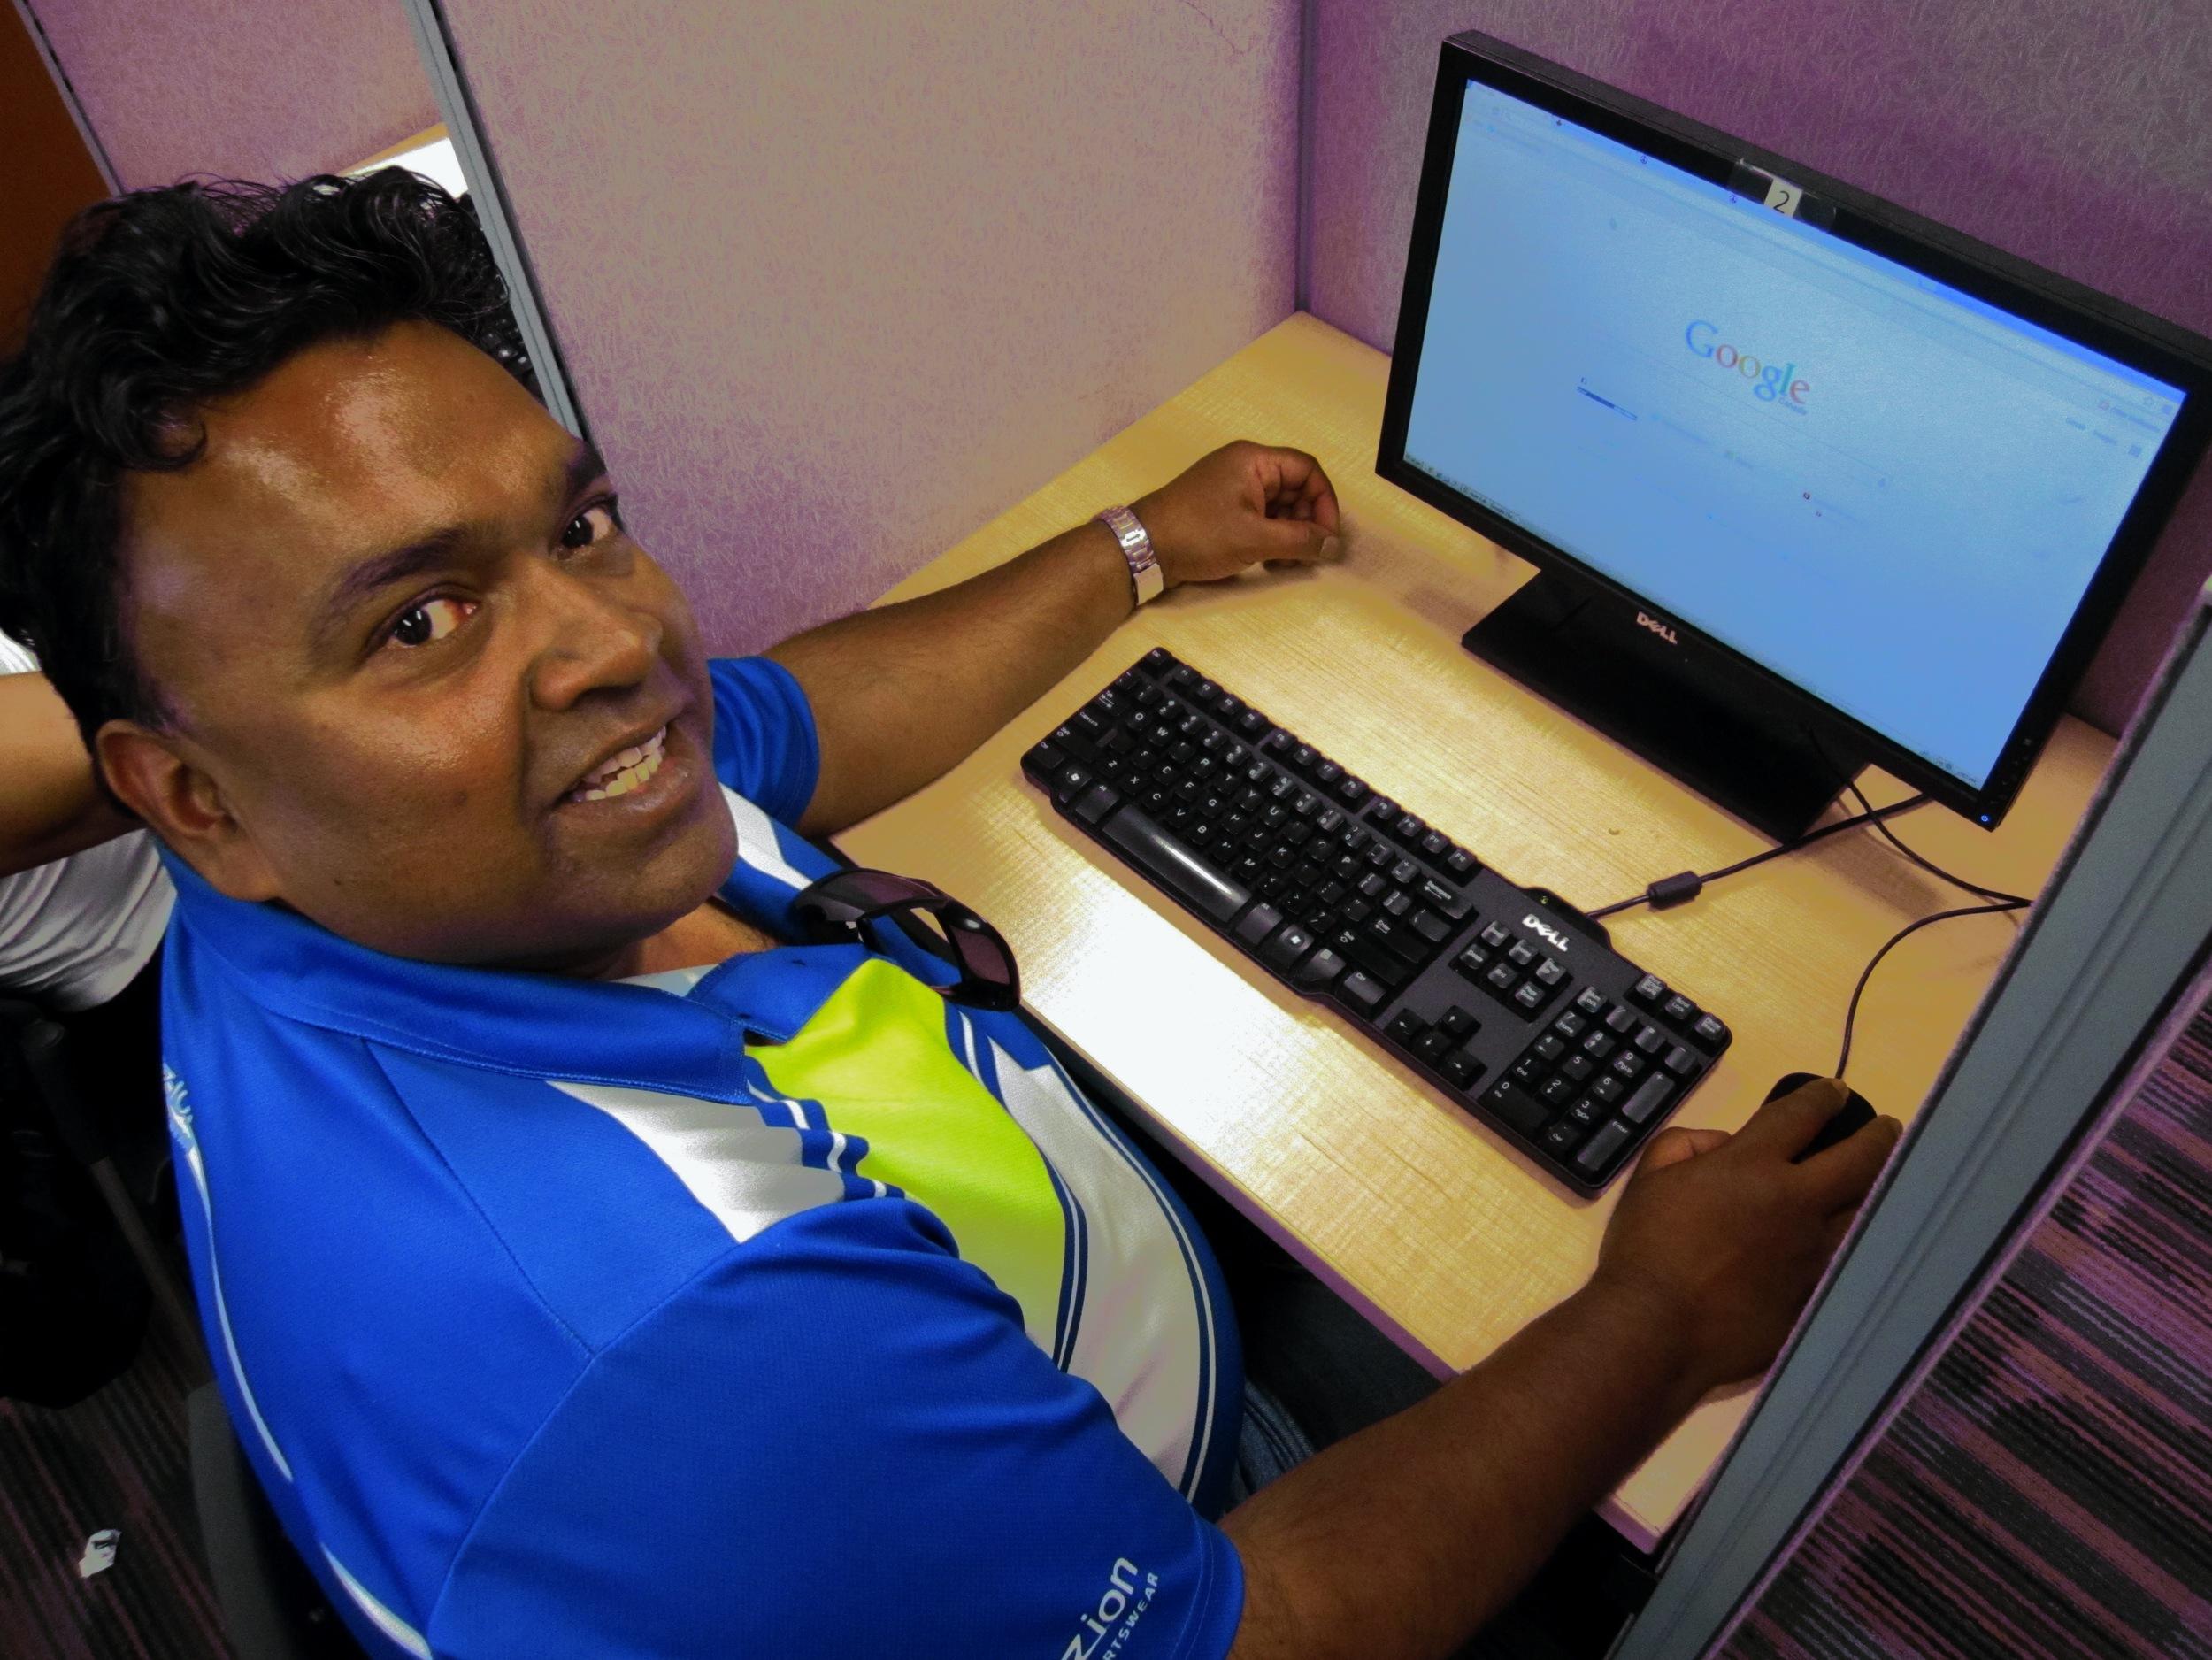 Dan at Computer.jpg